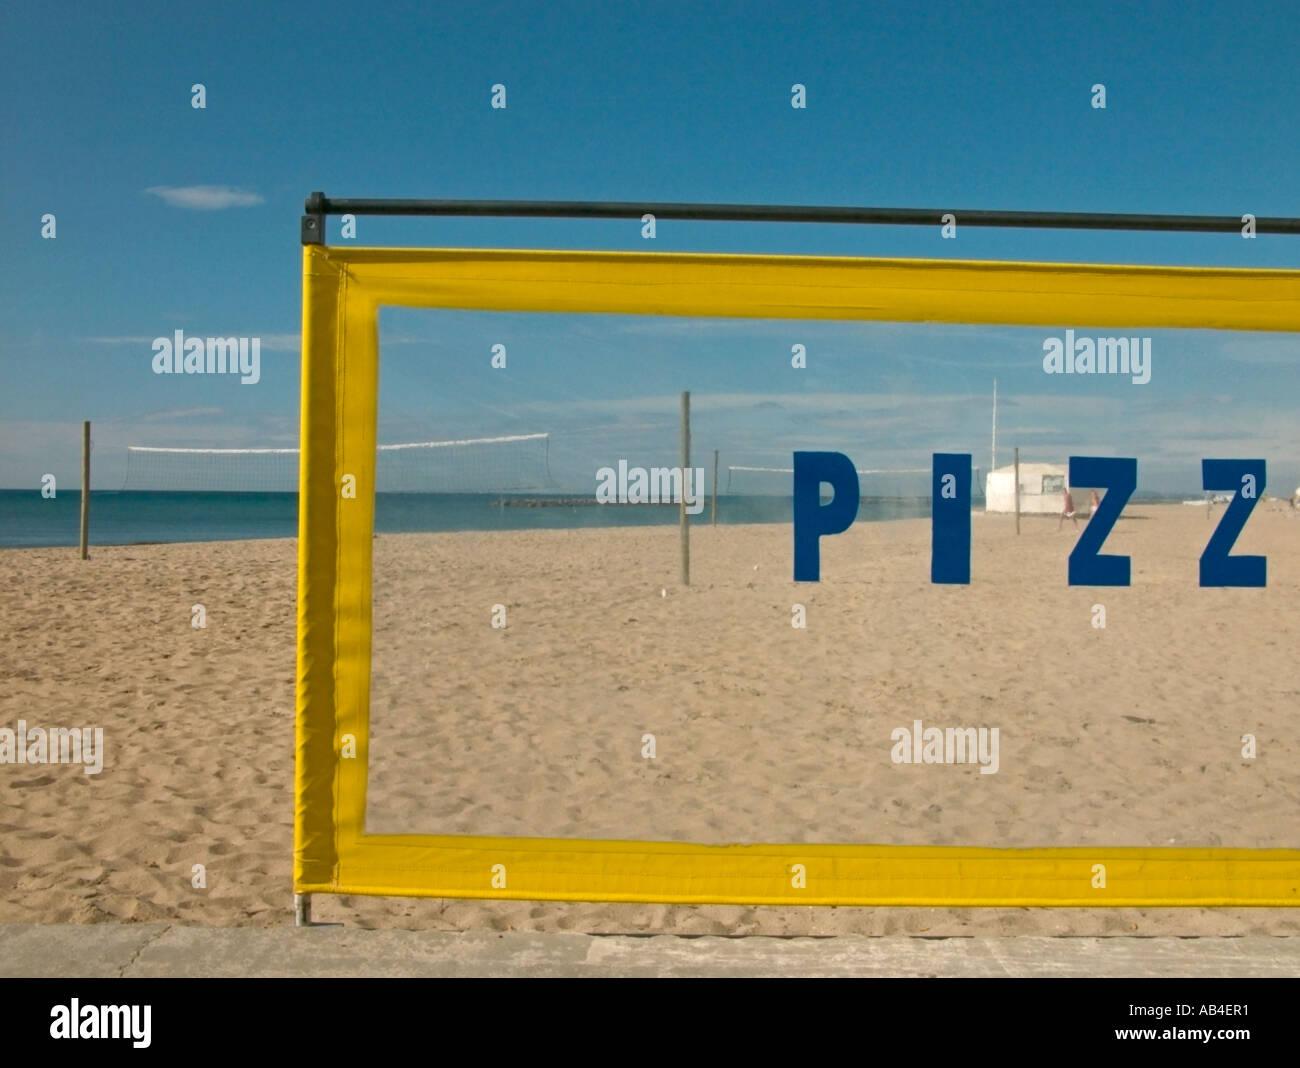 À l'intermédiaire d'un snack-bar pizza bouclier du vent sur une plage, France. Photo Stock